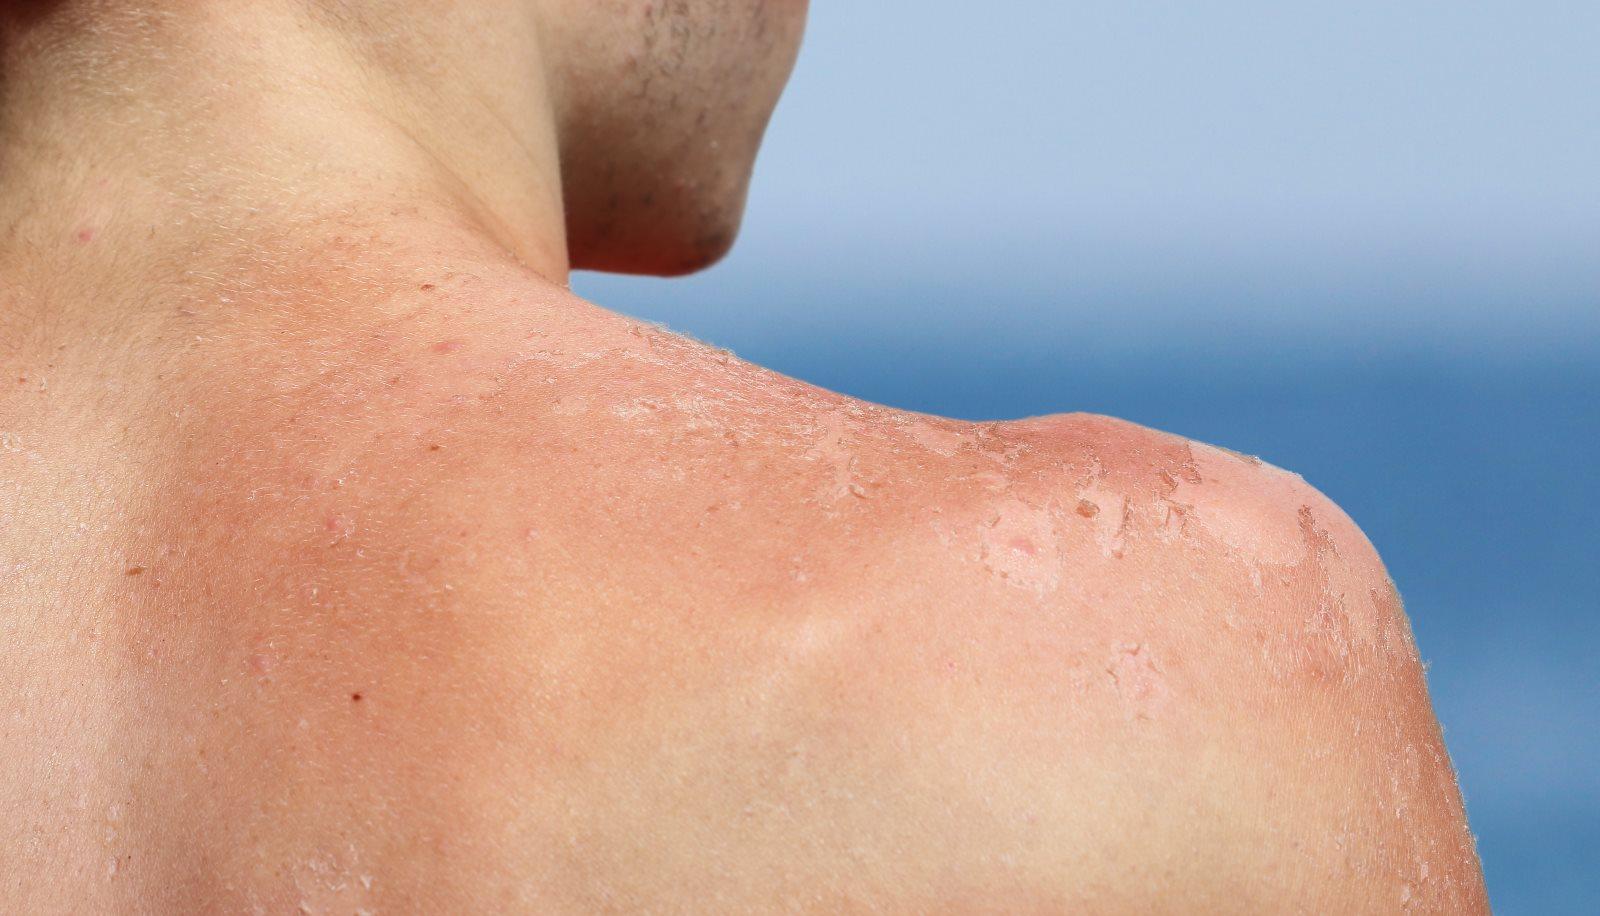 Przesadziłeś ze słońcem? 5 domowych sposobów na oparzenia słoneczne